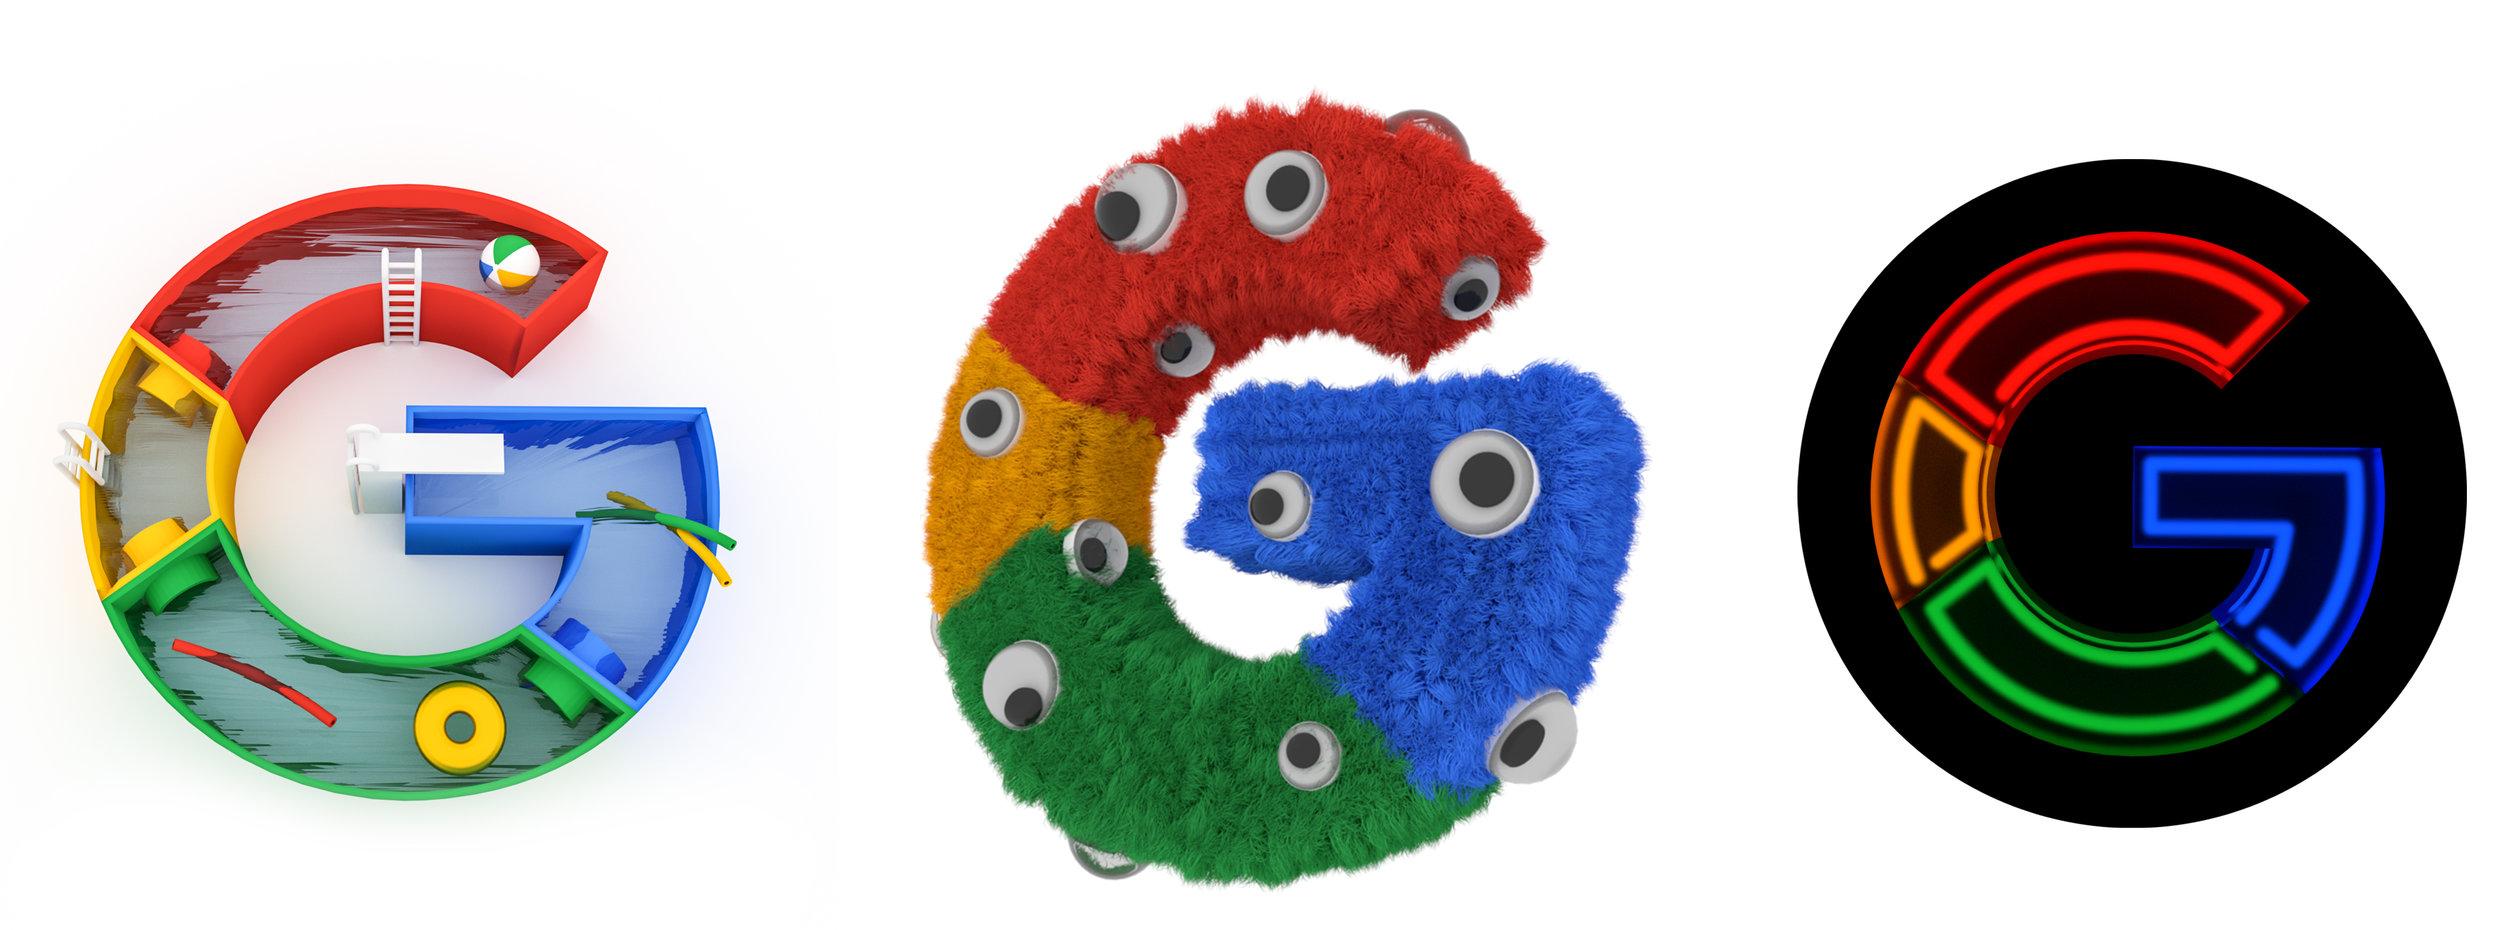 GoogleIlls_Book_0002_3.jpg